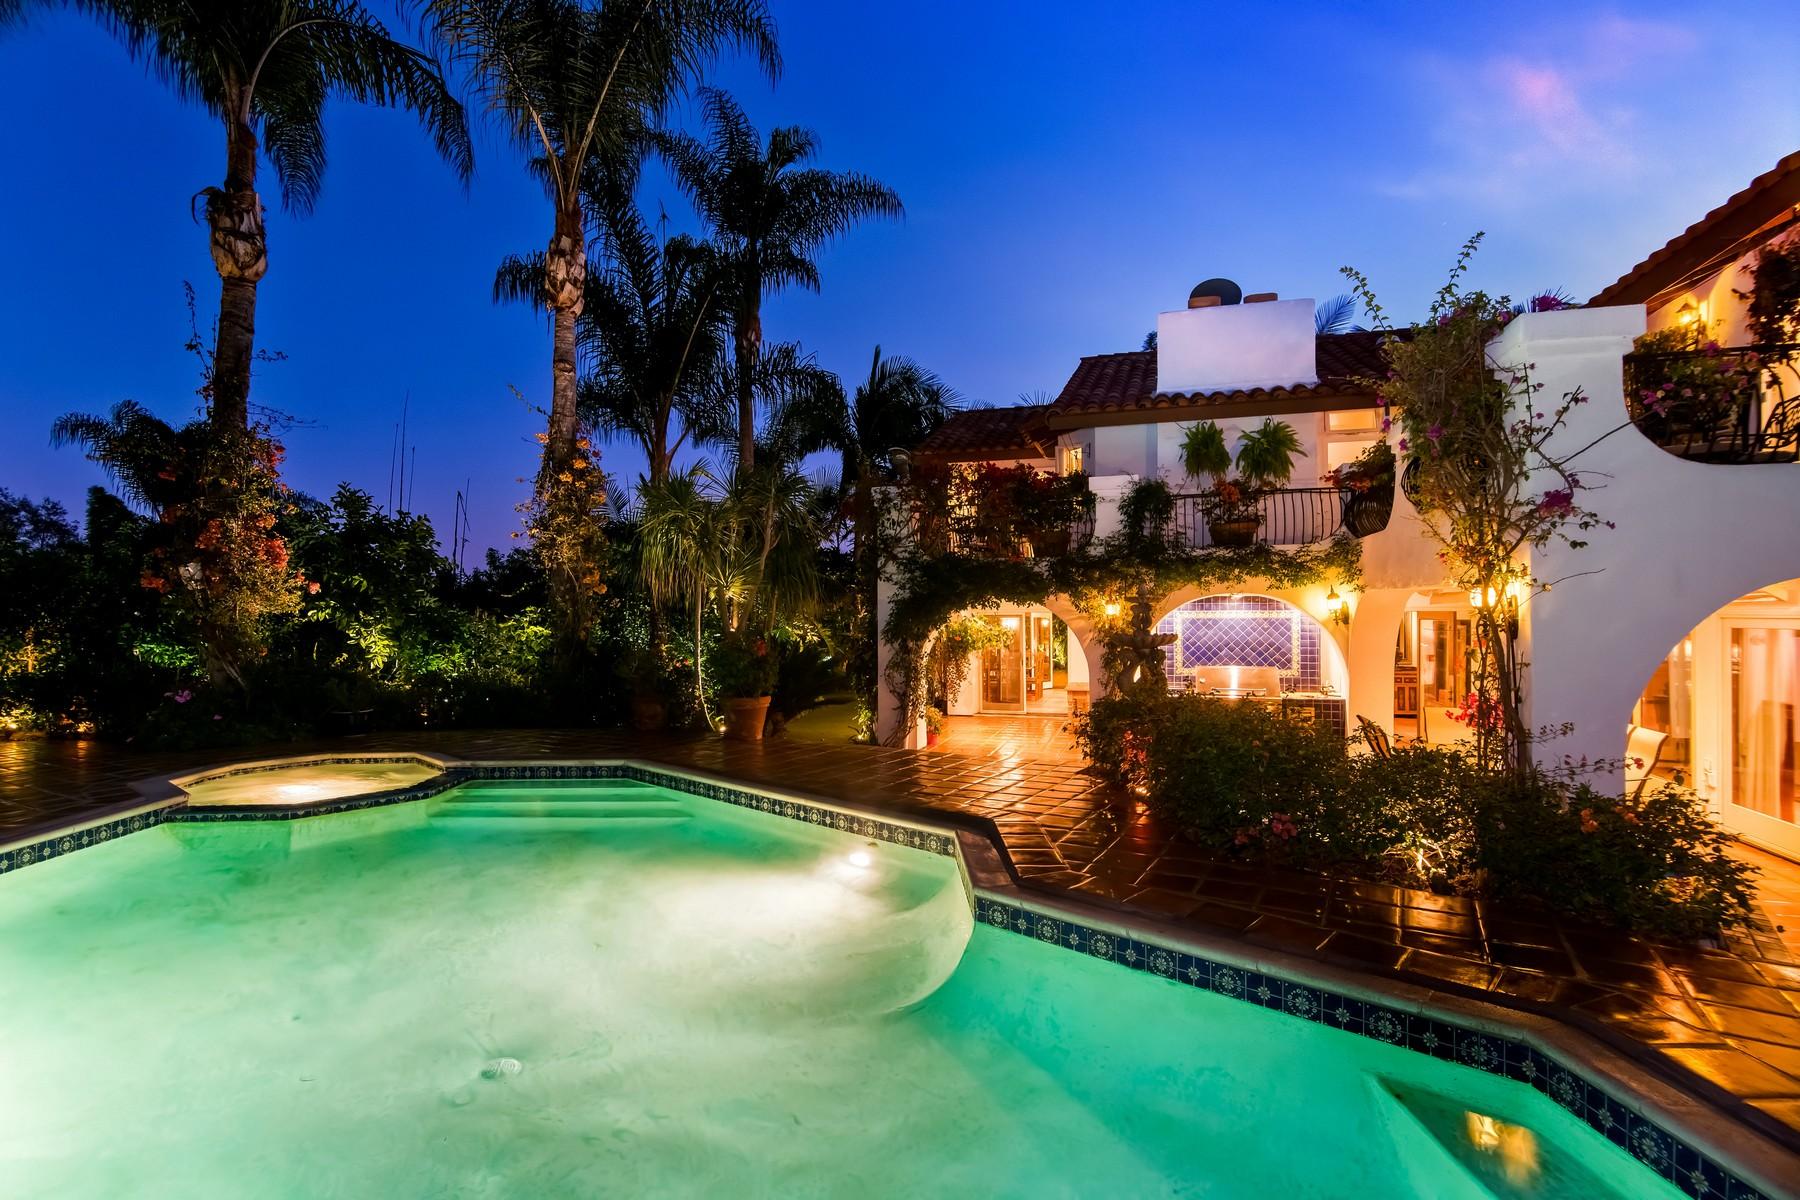 Villa per Vendita alle ore 2154 Ranch View Terrace Encinitas, California, 92024 Stati Uniti